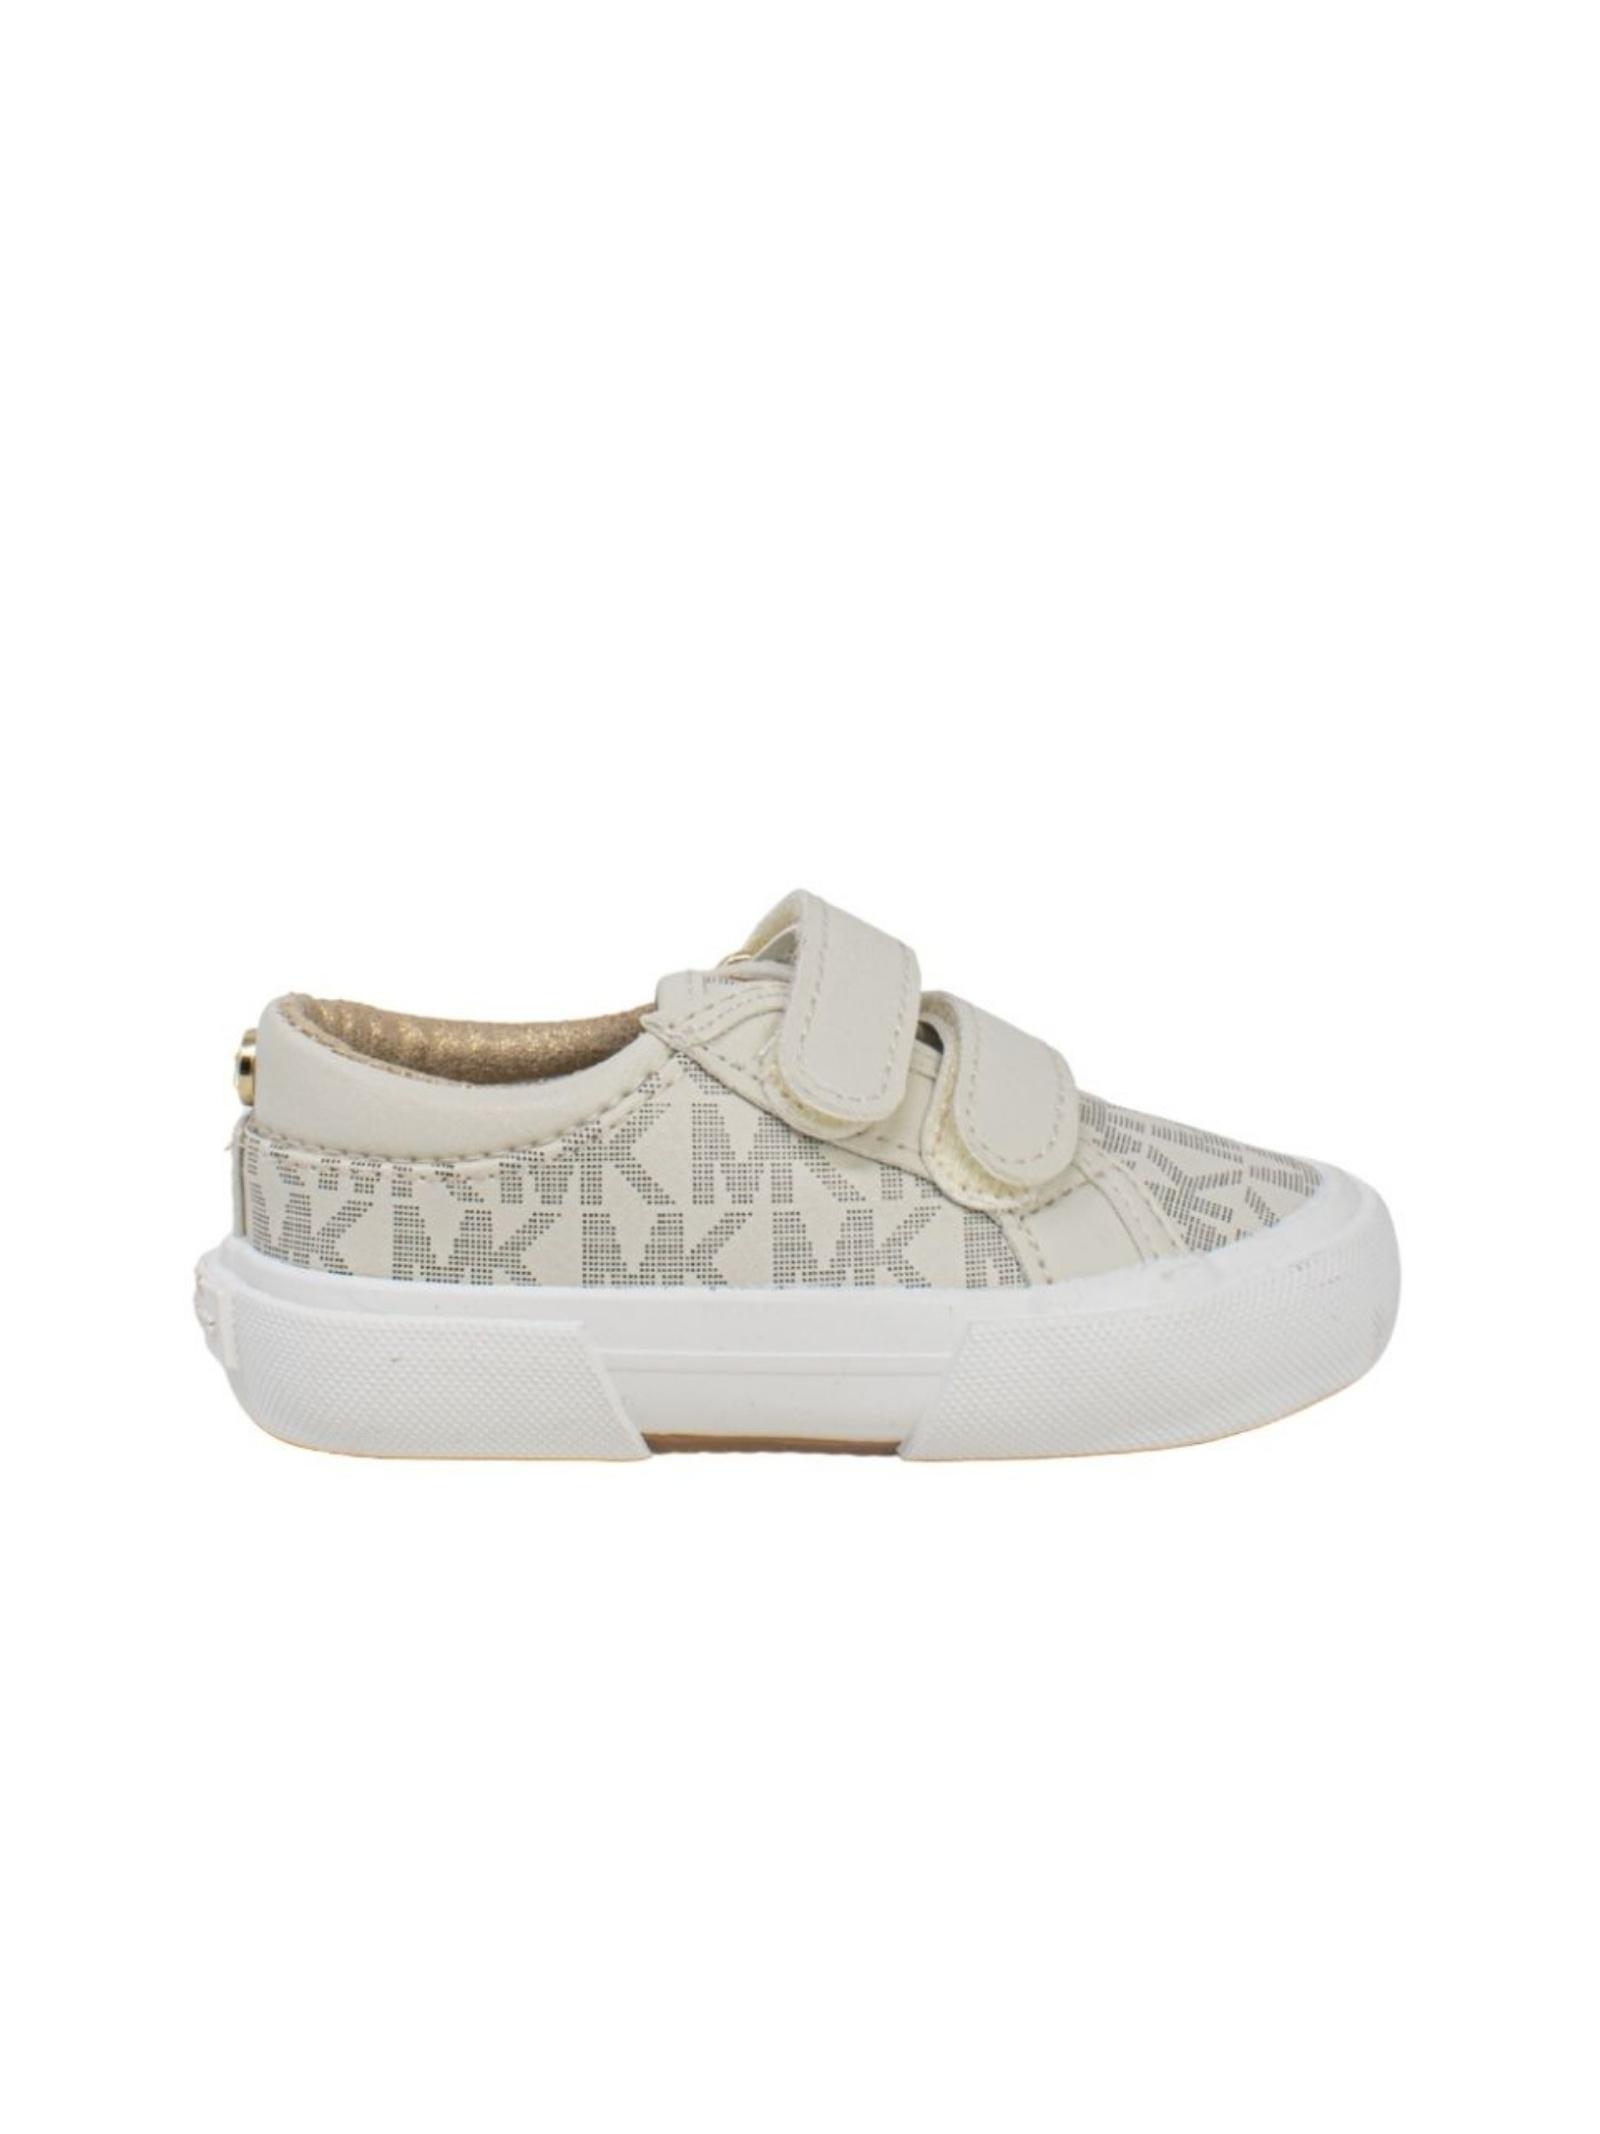 Sneakers Bambina Ima Rebel MICHAEL KORS JUNIOR | Sneakers | MK100014VANILLA